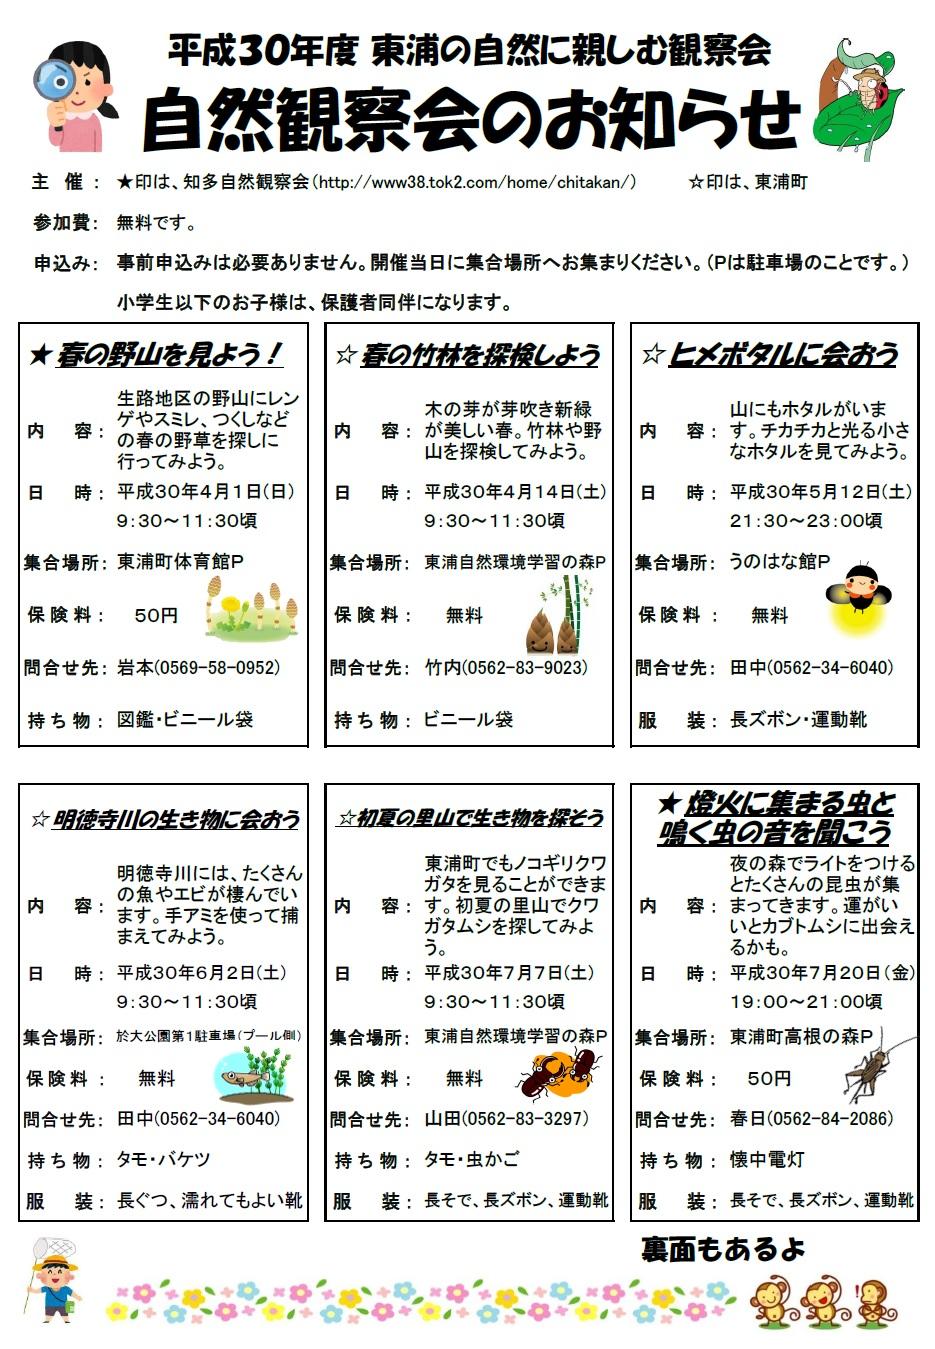 Shizenkansatsukai2018a_2